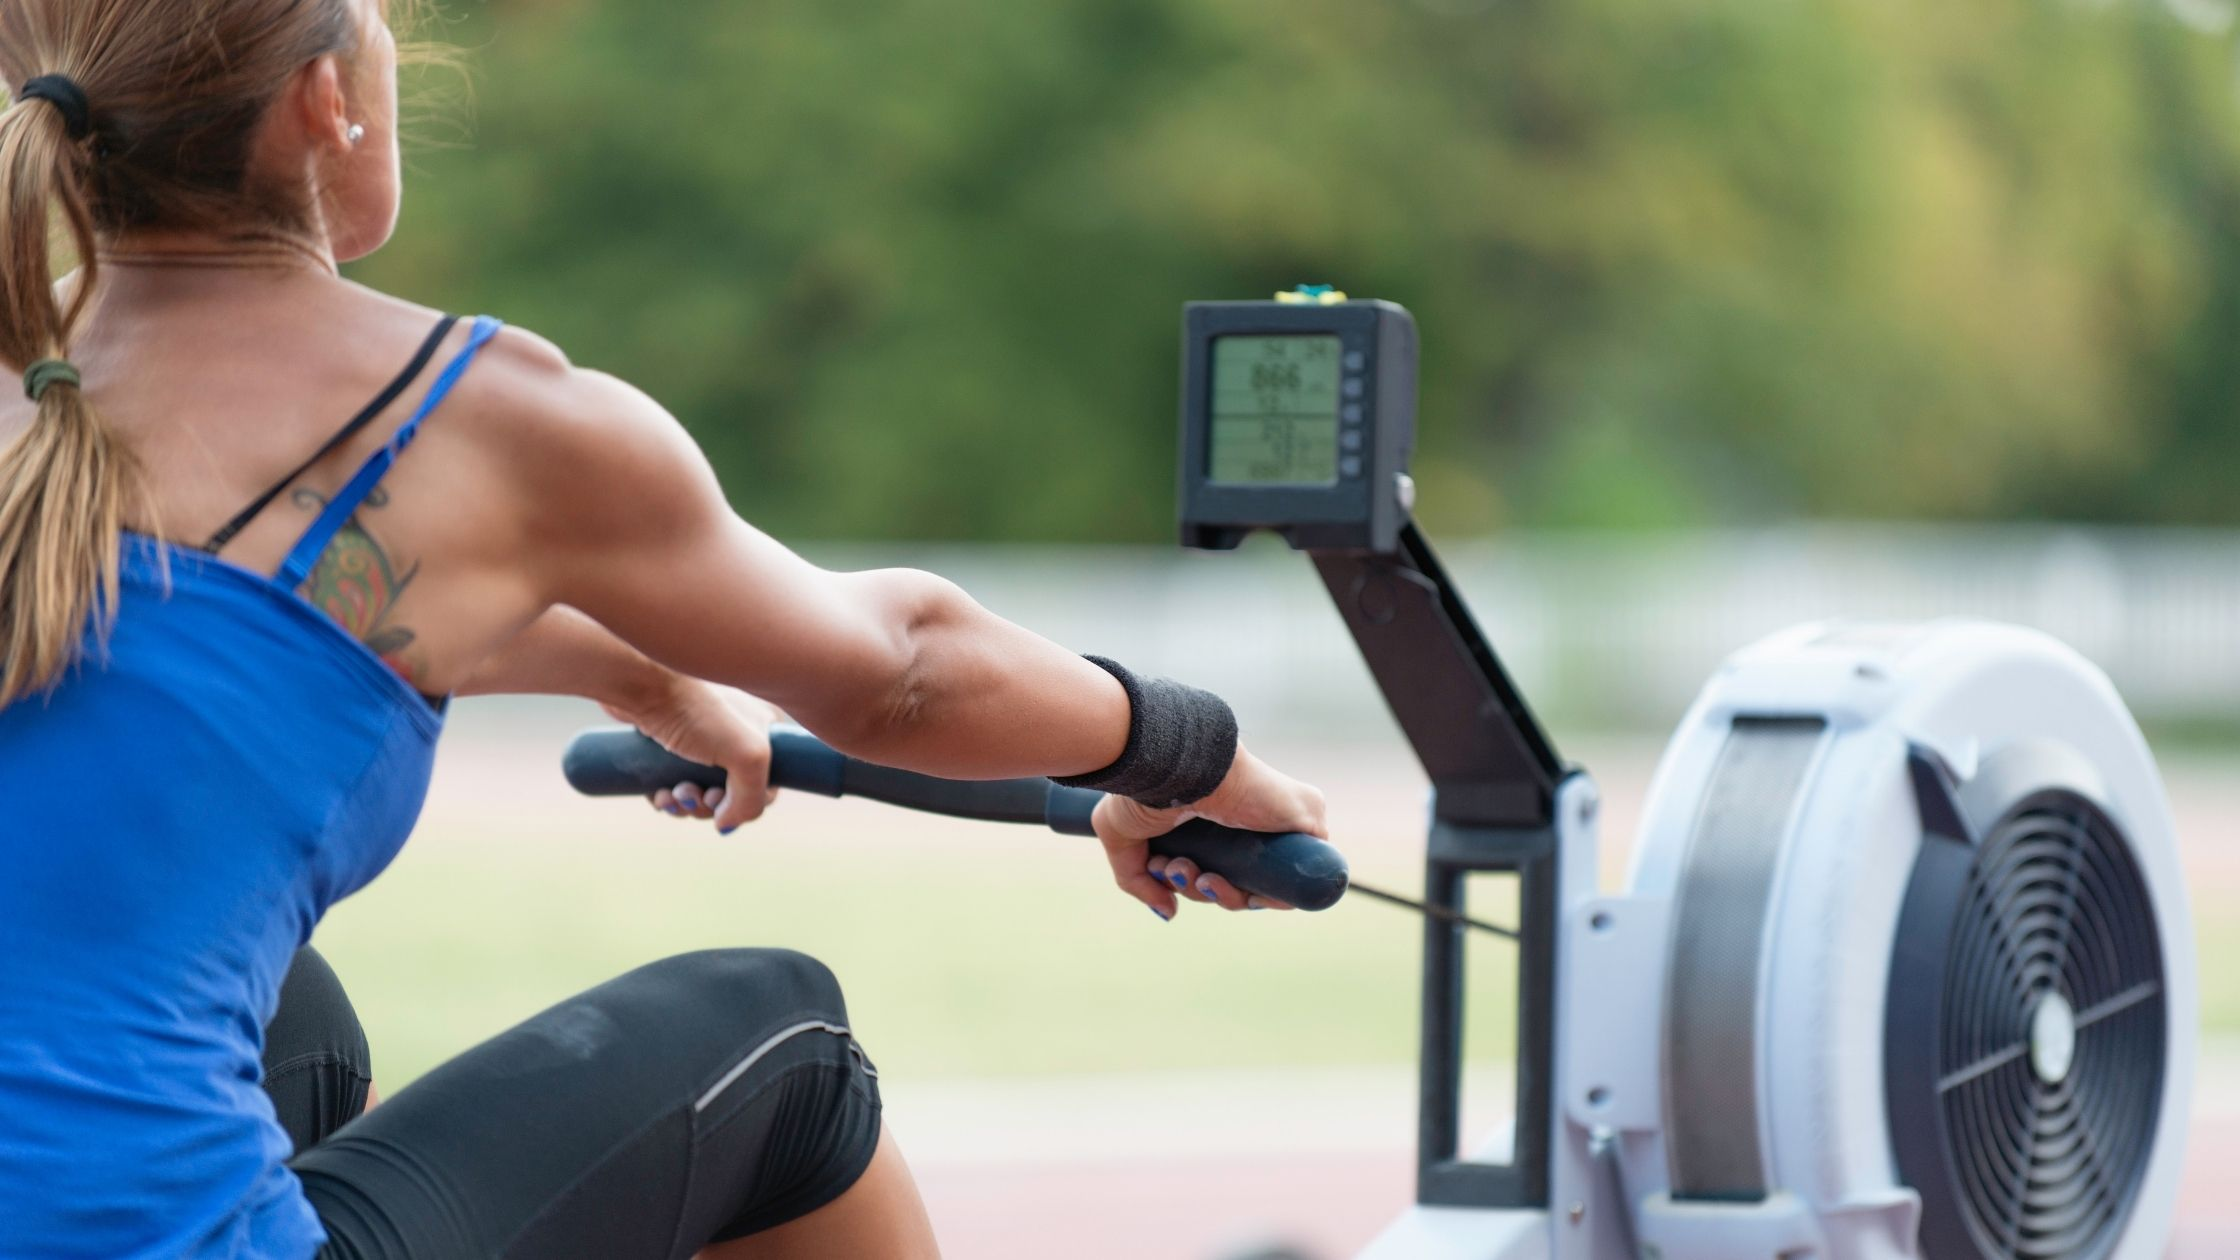 Types of Rowing Machines: Flywheel Rowing Machine